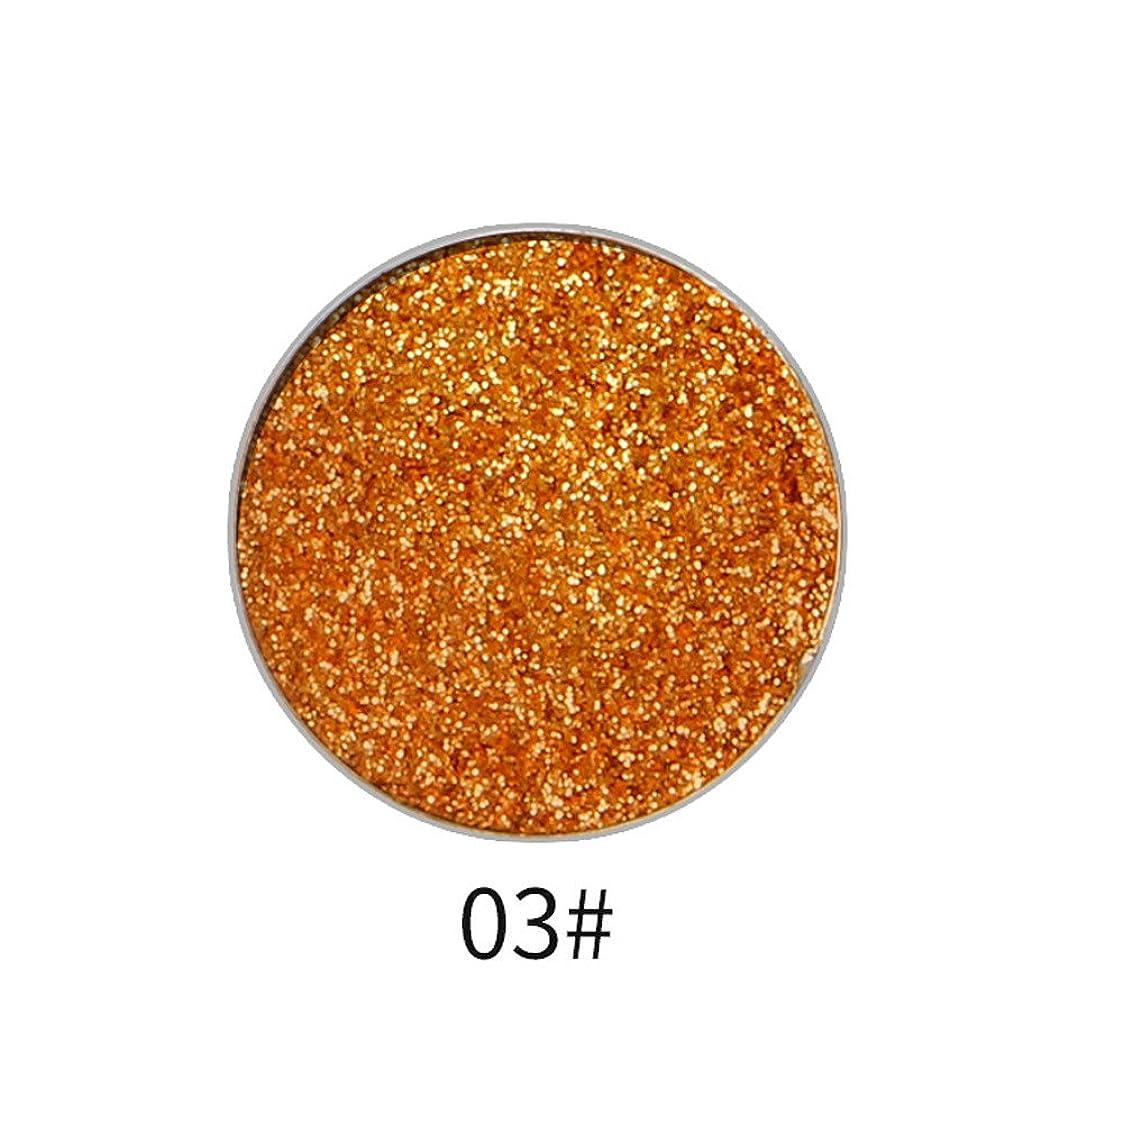 咲く量楽なアイシャドウ 単色 多色 パウダー パレット キラキラ マット アイシャドー プロ 化粧 日常メイク やわらかな塗り心地で立体感のある艶やかな目元に仕上げるhuajuan